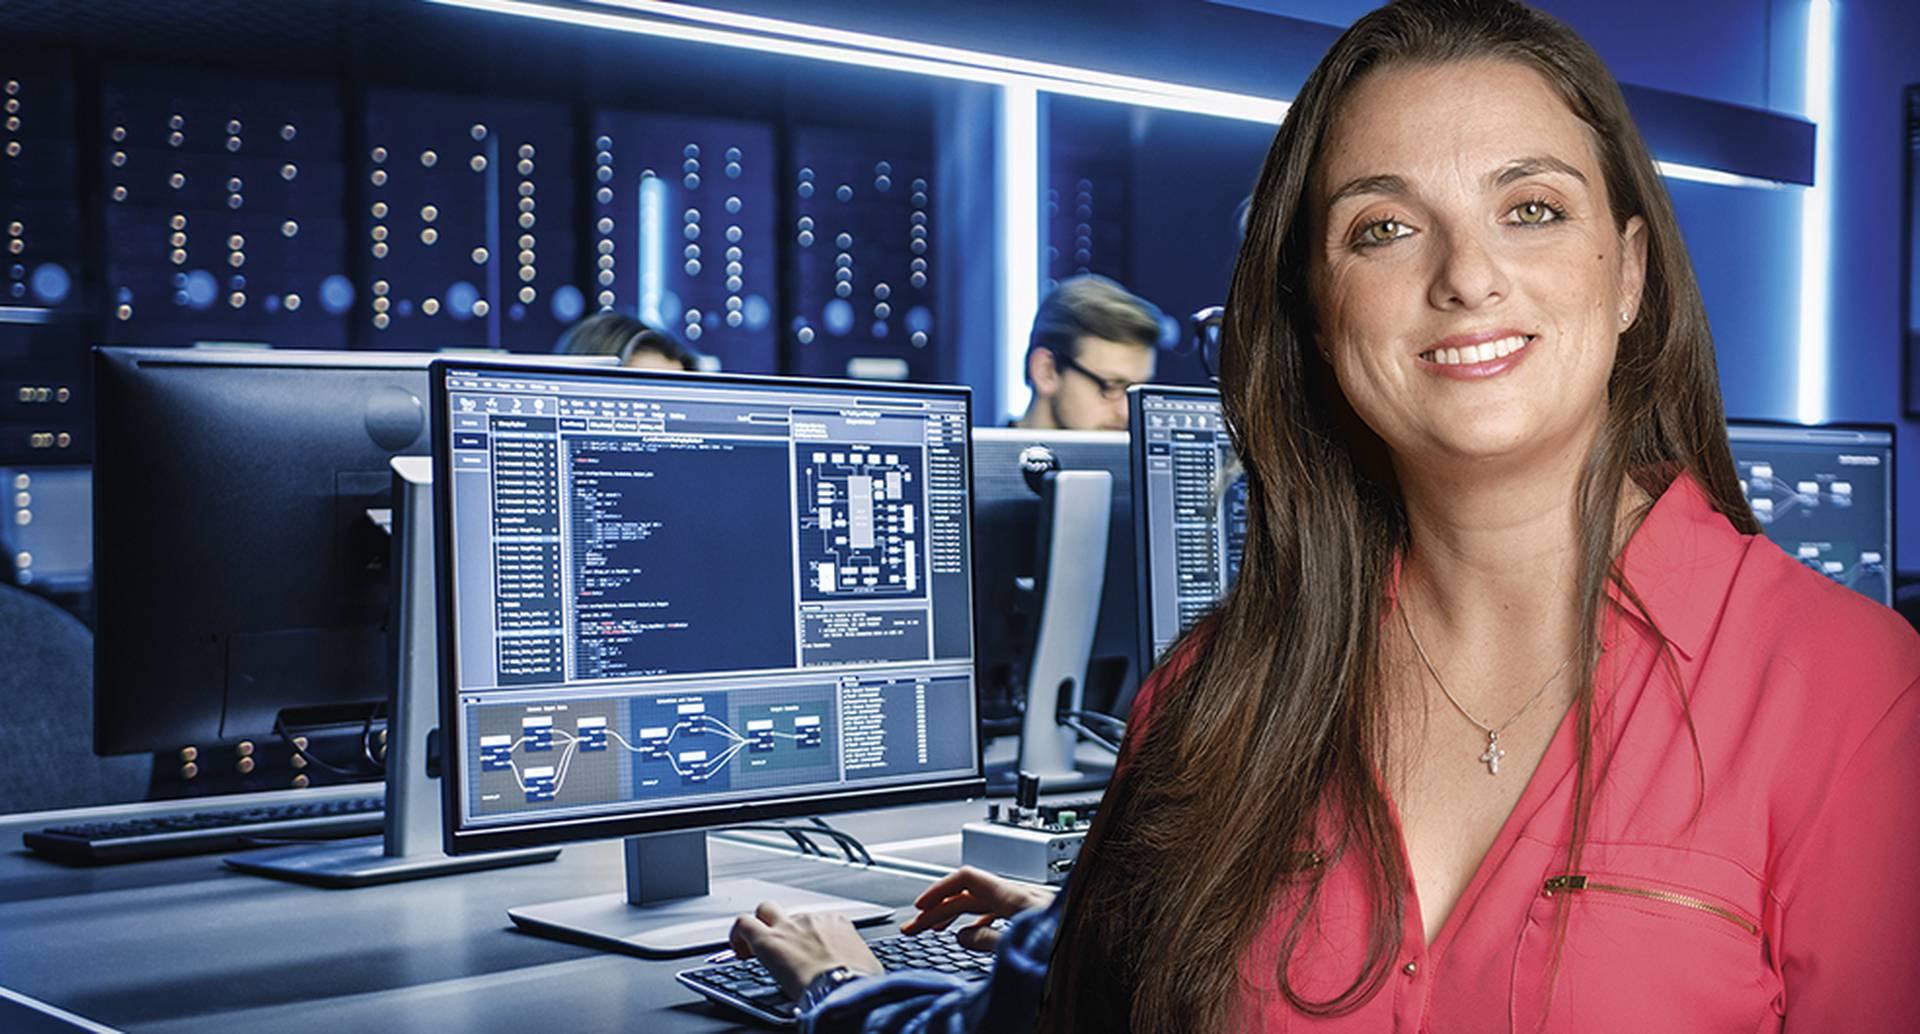 Karen Abudinen, Ministra de las TIC. Latinoamérica gradúa cada año alrededor de 100.000 profesionales de software, incluyendo universidades y escuelas externas. Pero la región necesita tres millones de profesionales TIC.